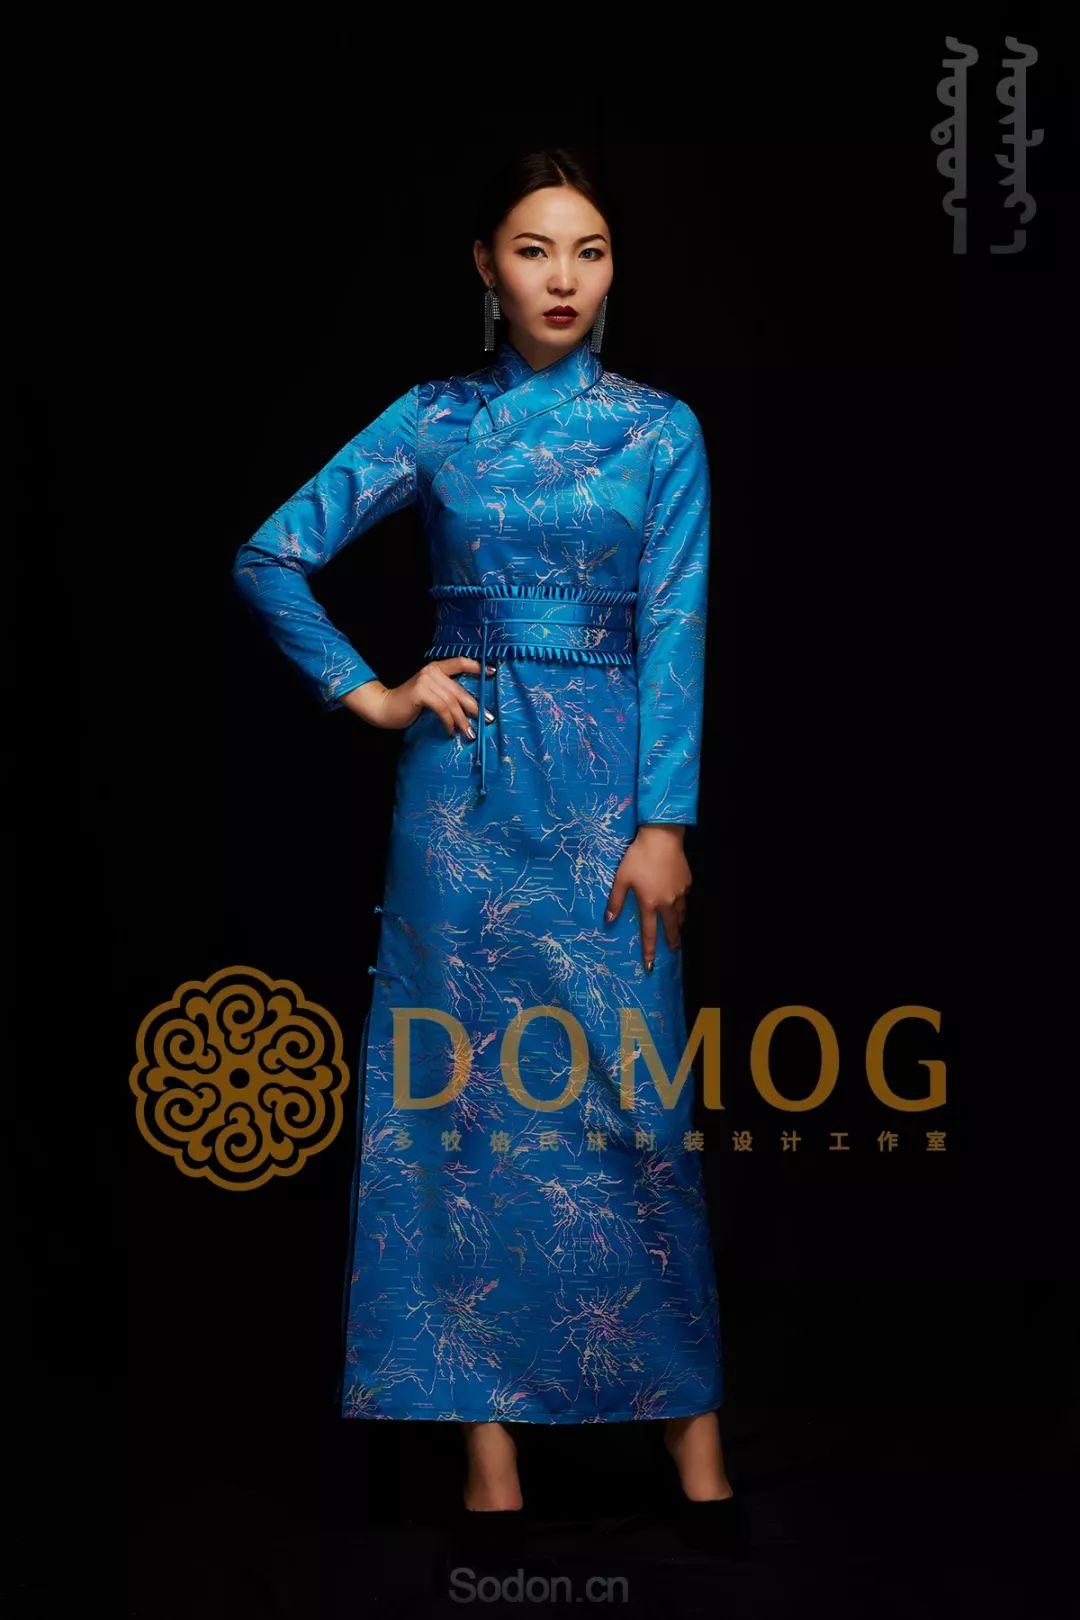 DOMOG蒙古时装绝美秋冬款系列,美出新高度! 第20张